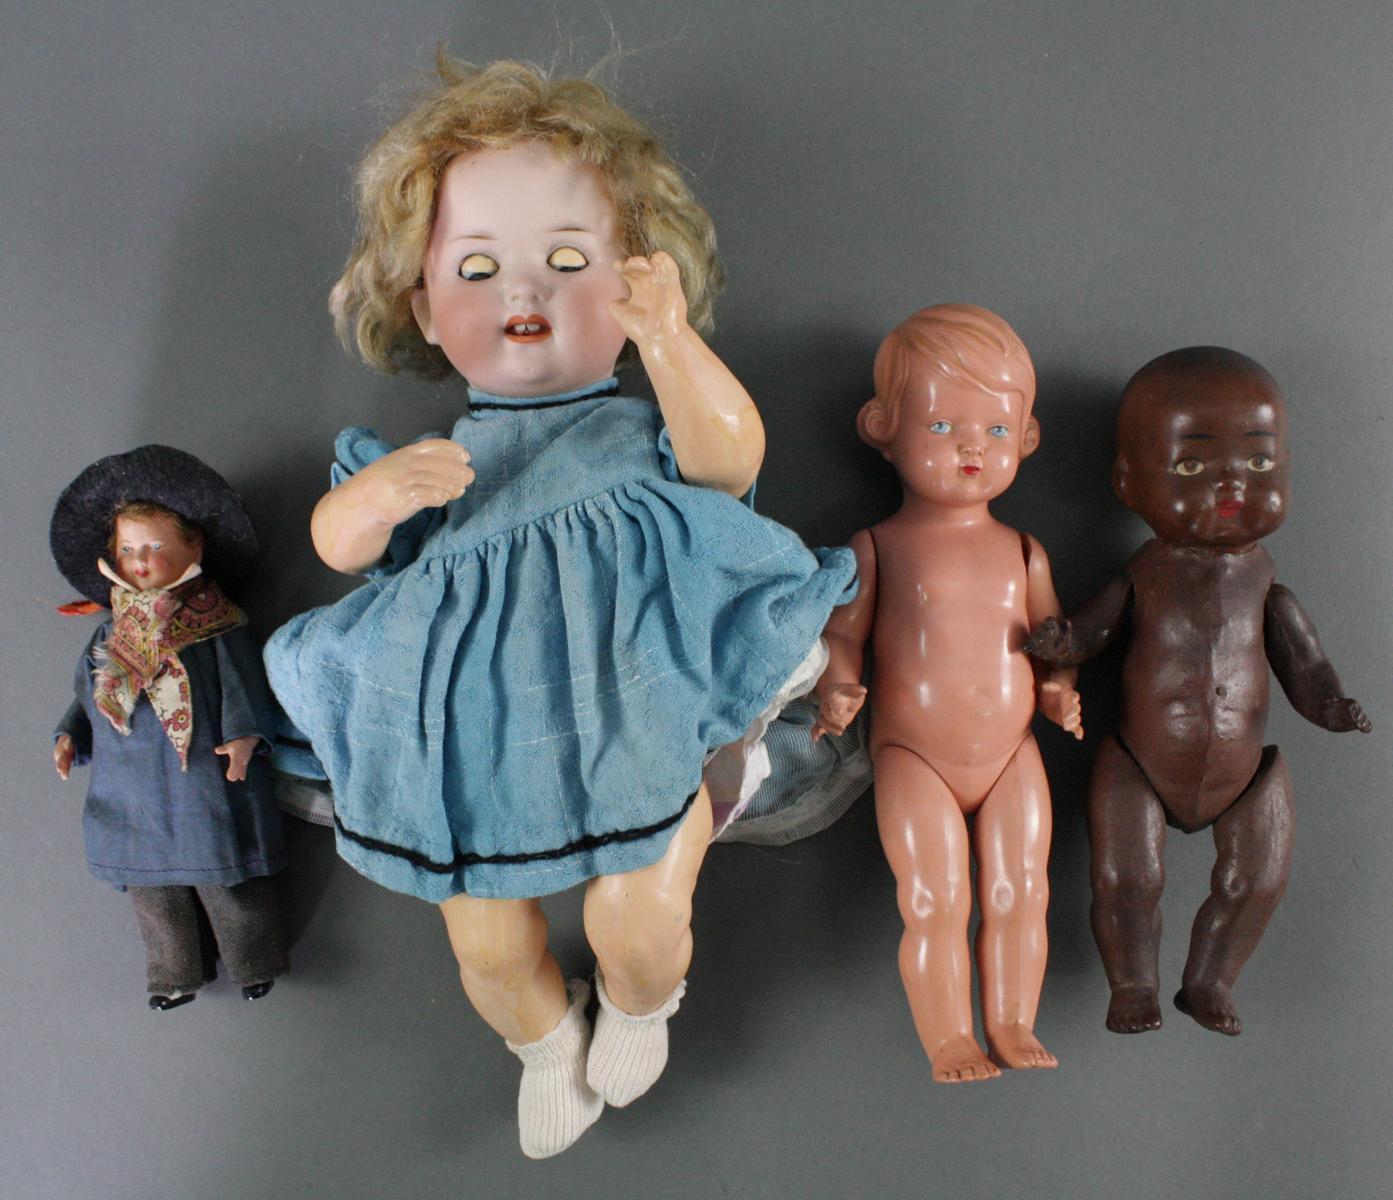 12 sehr alte Puppen, 1. Hälfte 20. Jahrhundert oder älter-14